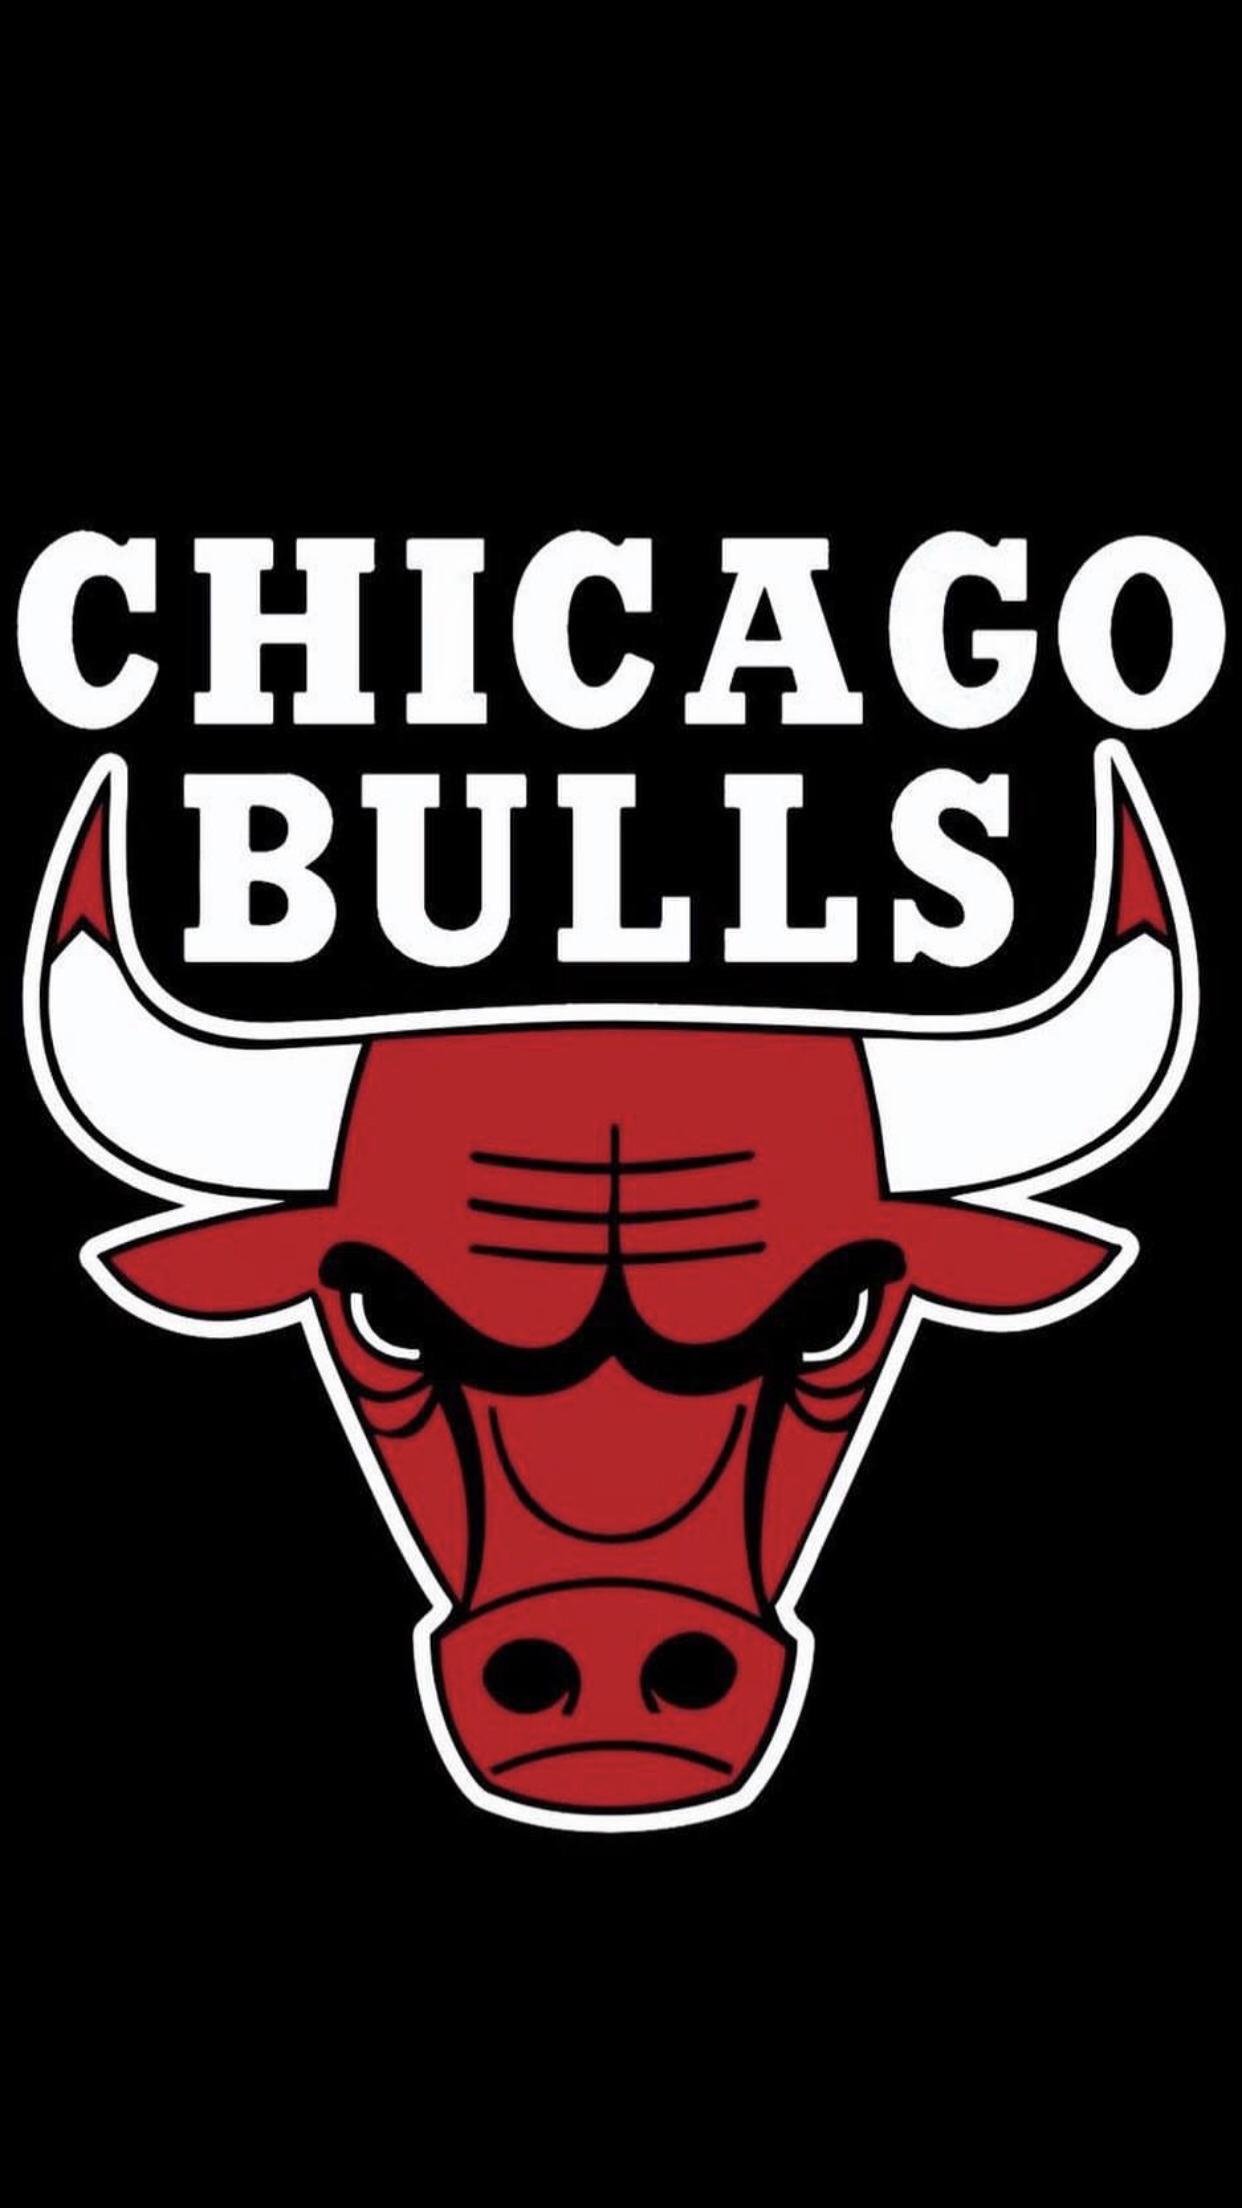 Pin By Josa C Da Vila On Chicago Bulls Chicago Bulls Logo Chicago Bulls Chicago Bulls Wallpaper